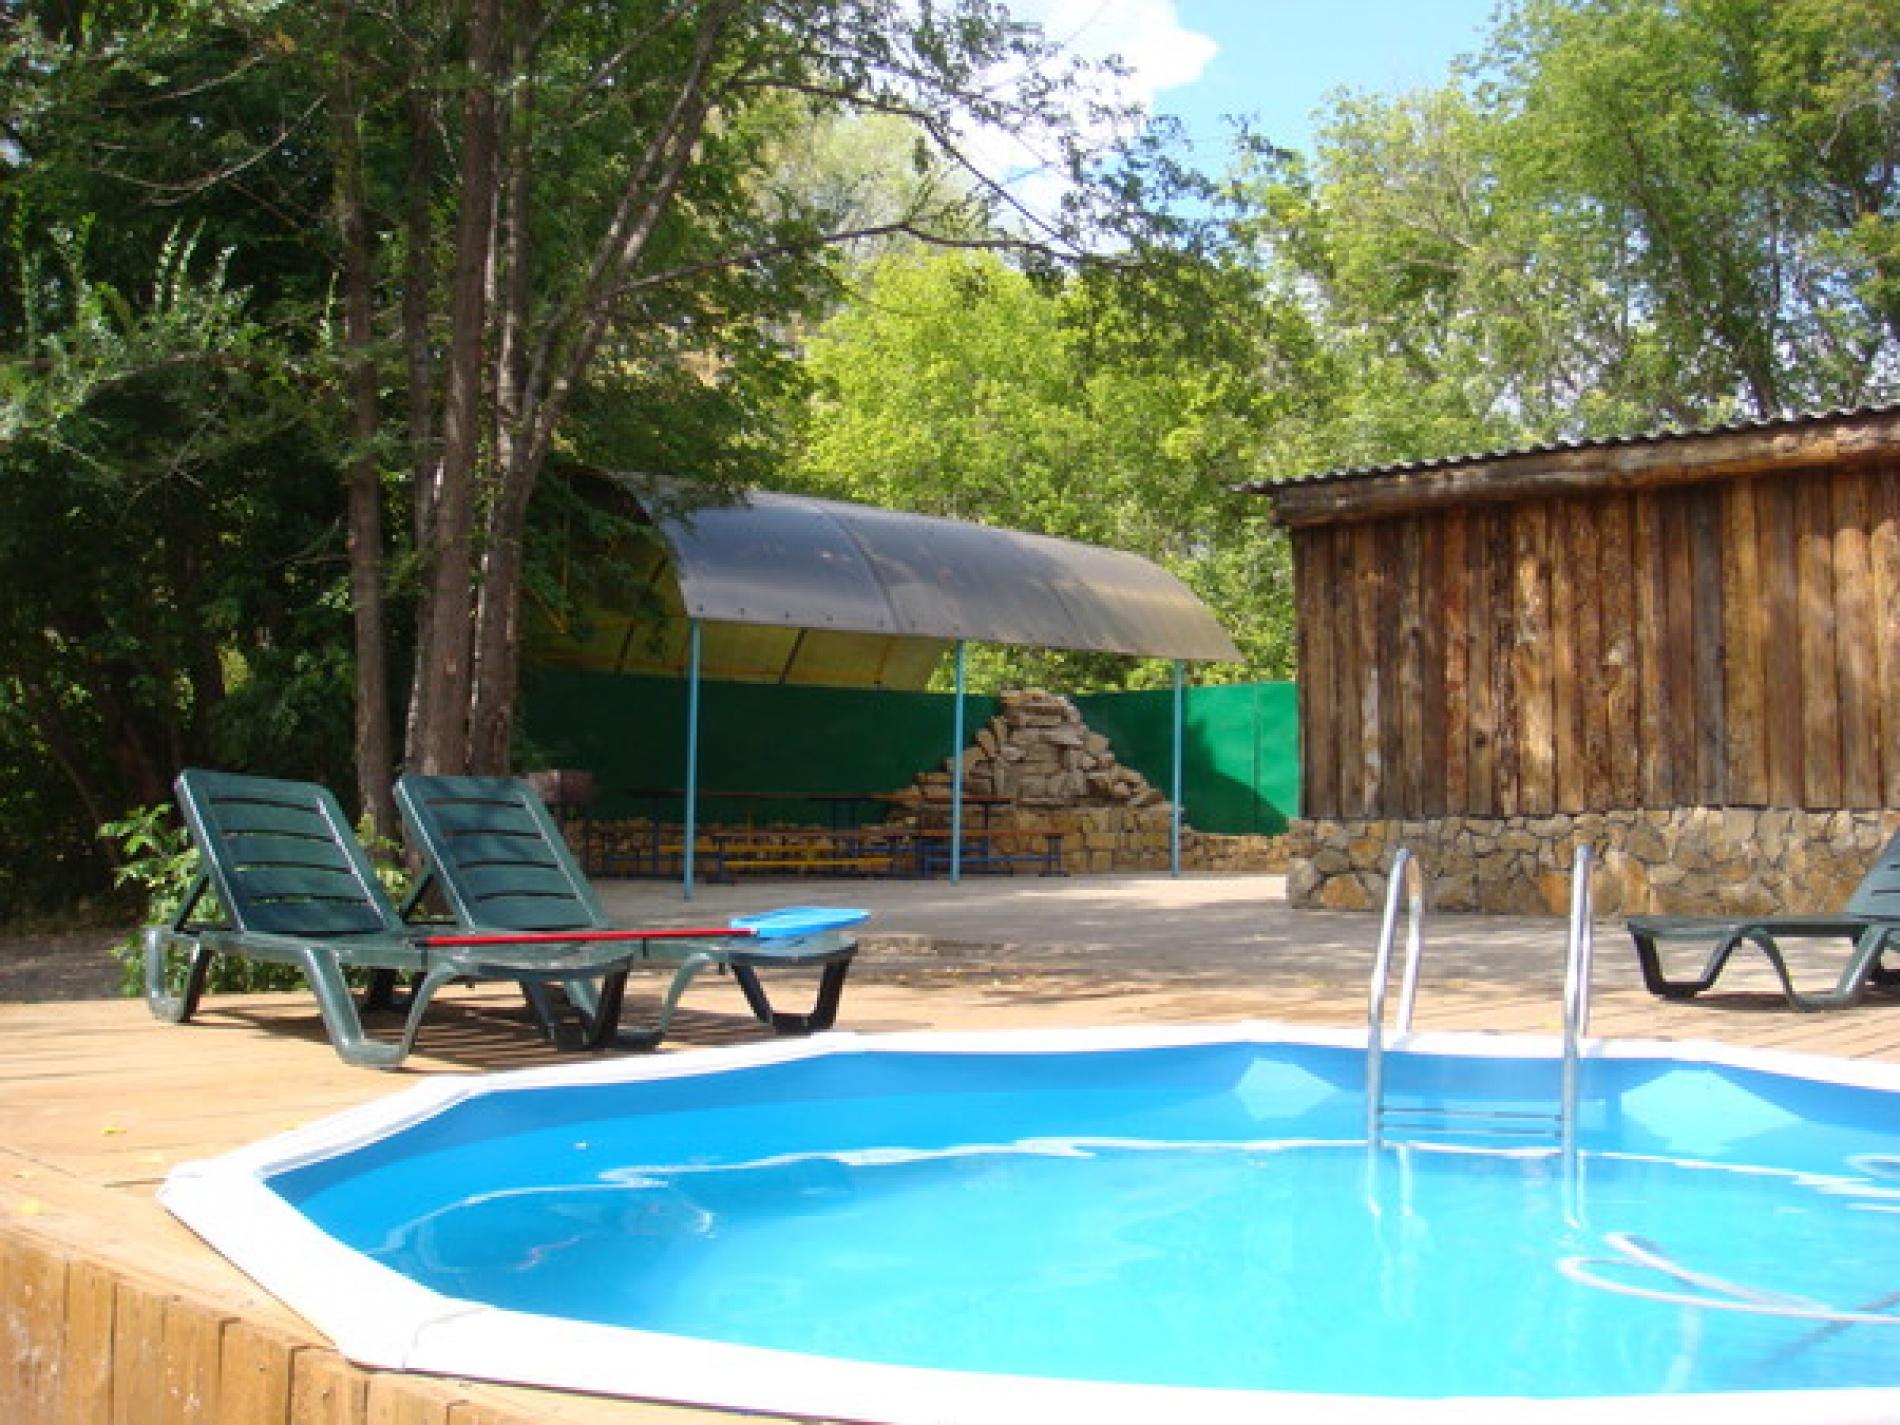 """База отдыха """"Усадьба на Микутке"""" Оренбургская область Дом (средний) с беседкой и летним бассейном, фото 3"""